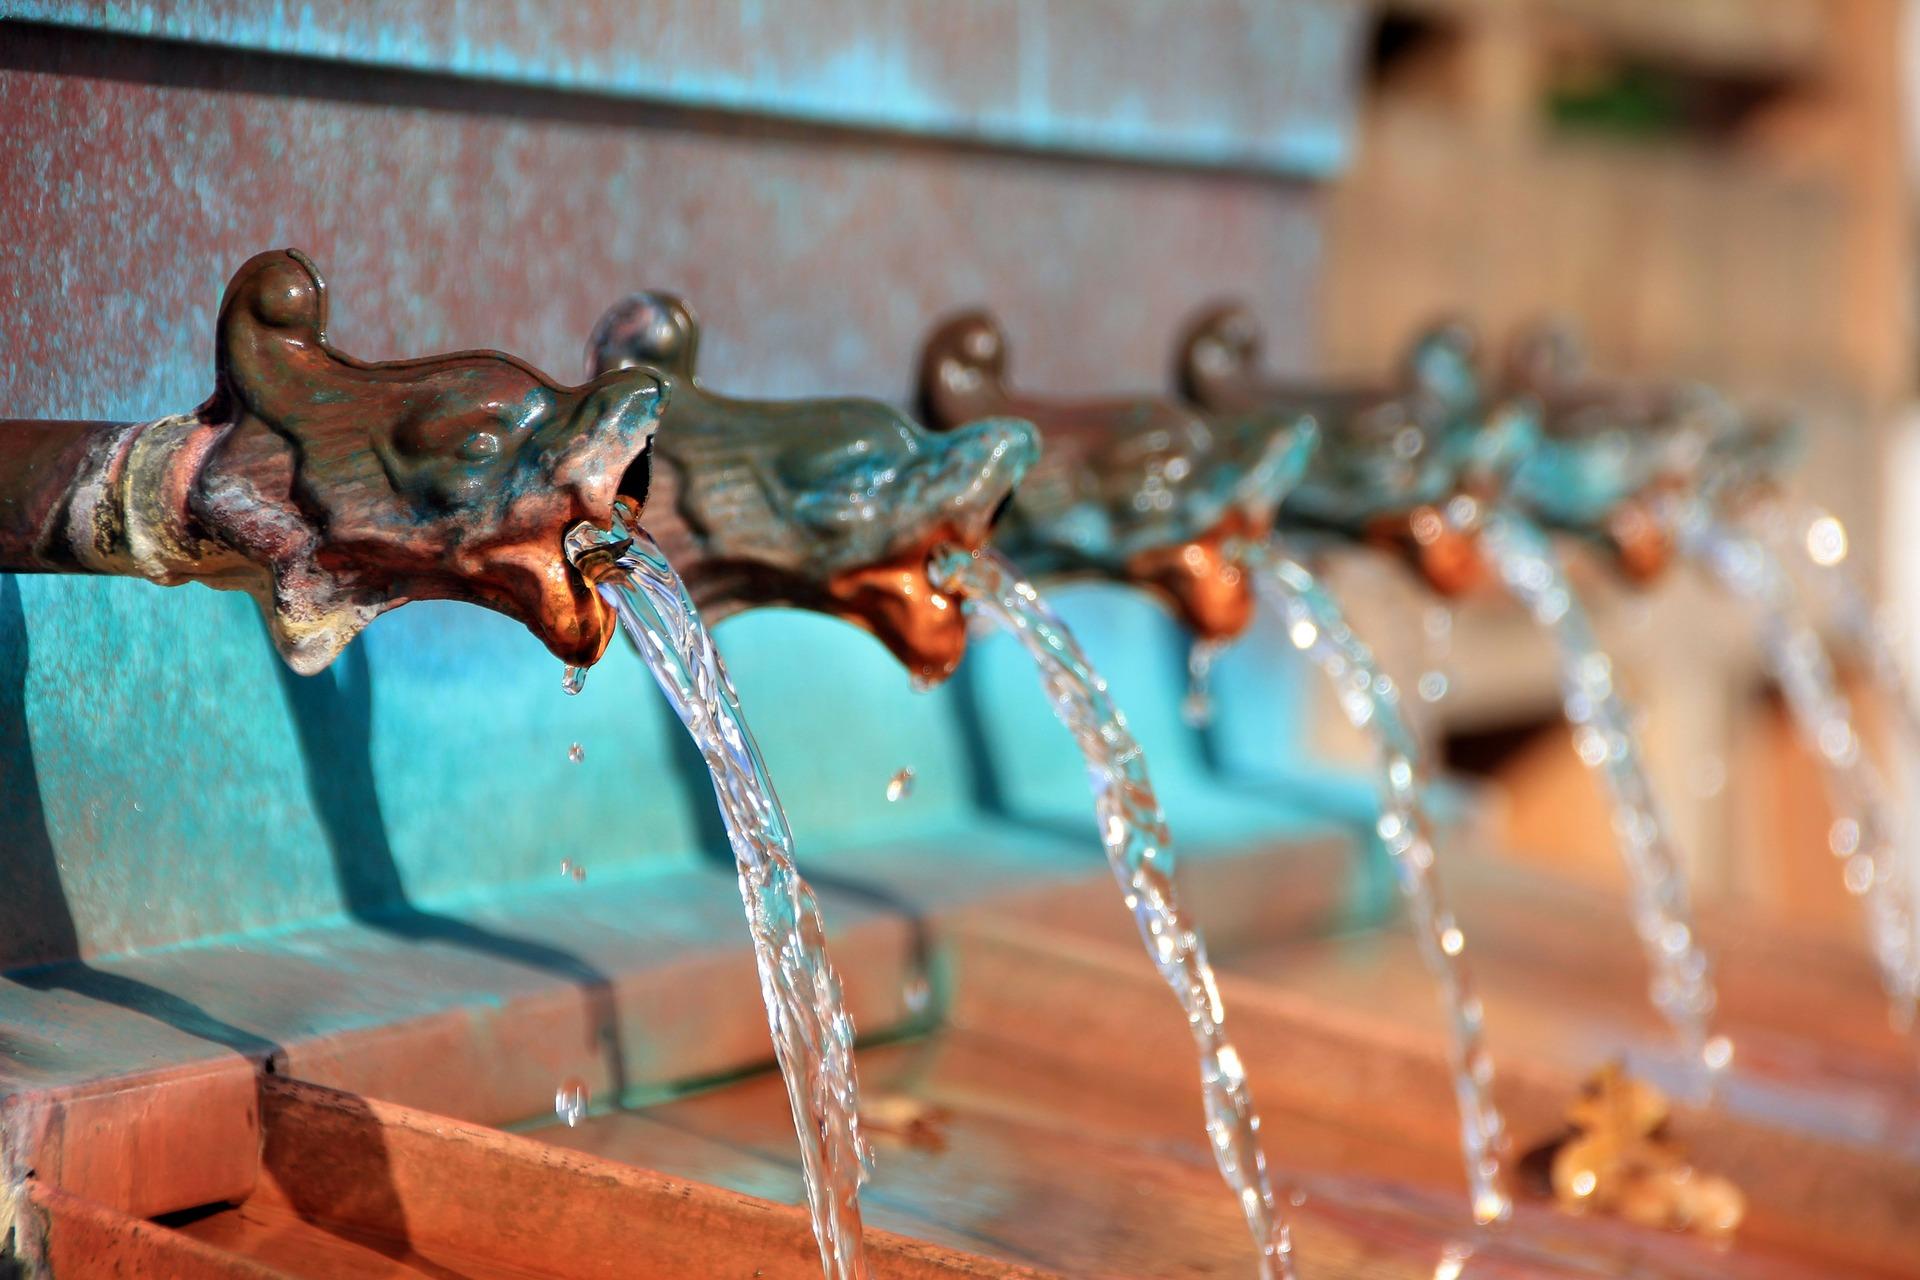 「水道を作る」仕事をする必要性~忙しさから解放されるために~